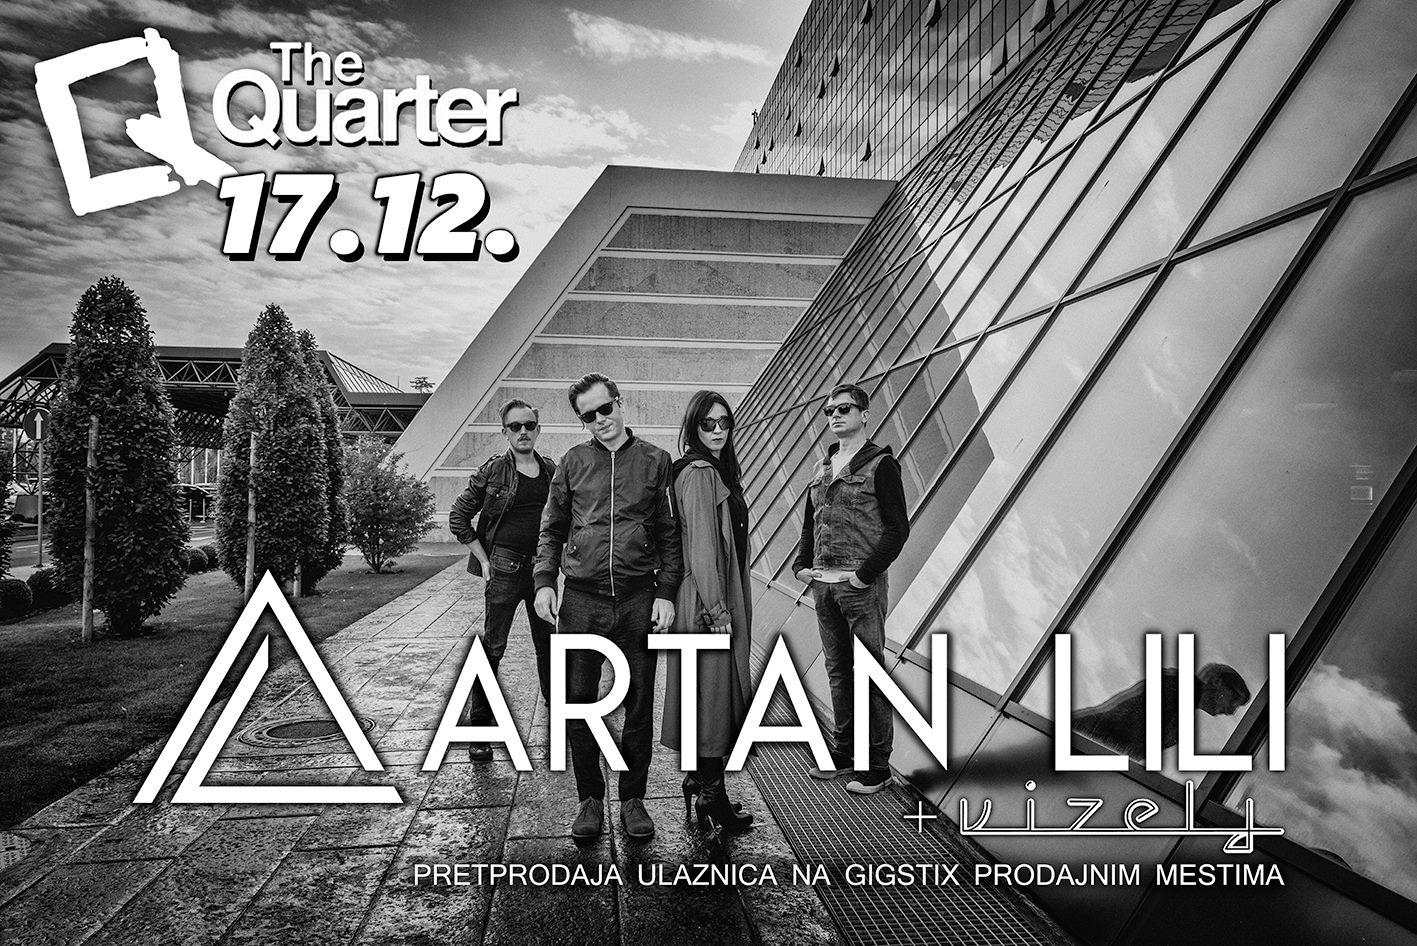 Artan Lili i Vizelj u klubu The Quarter